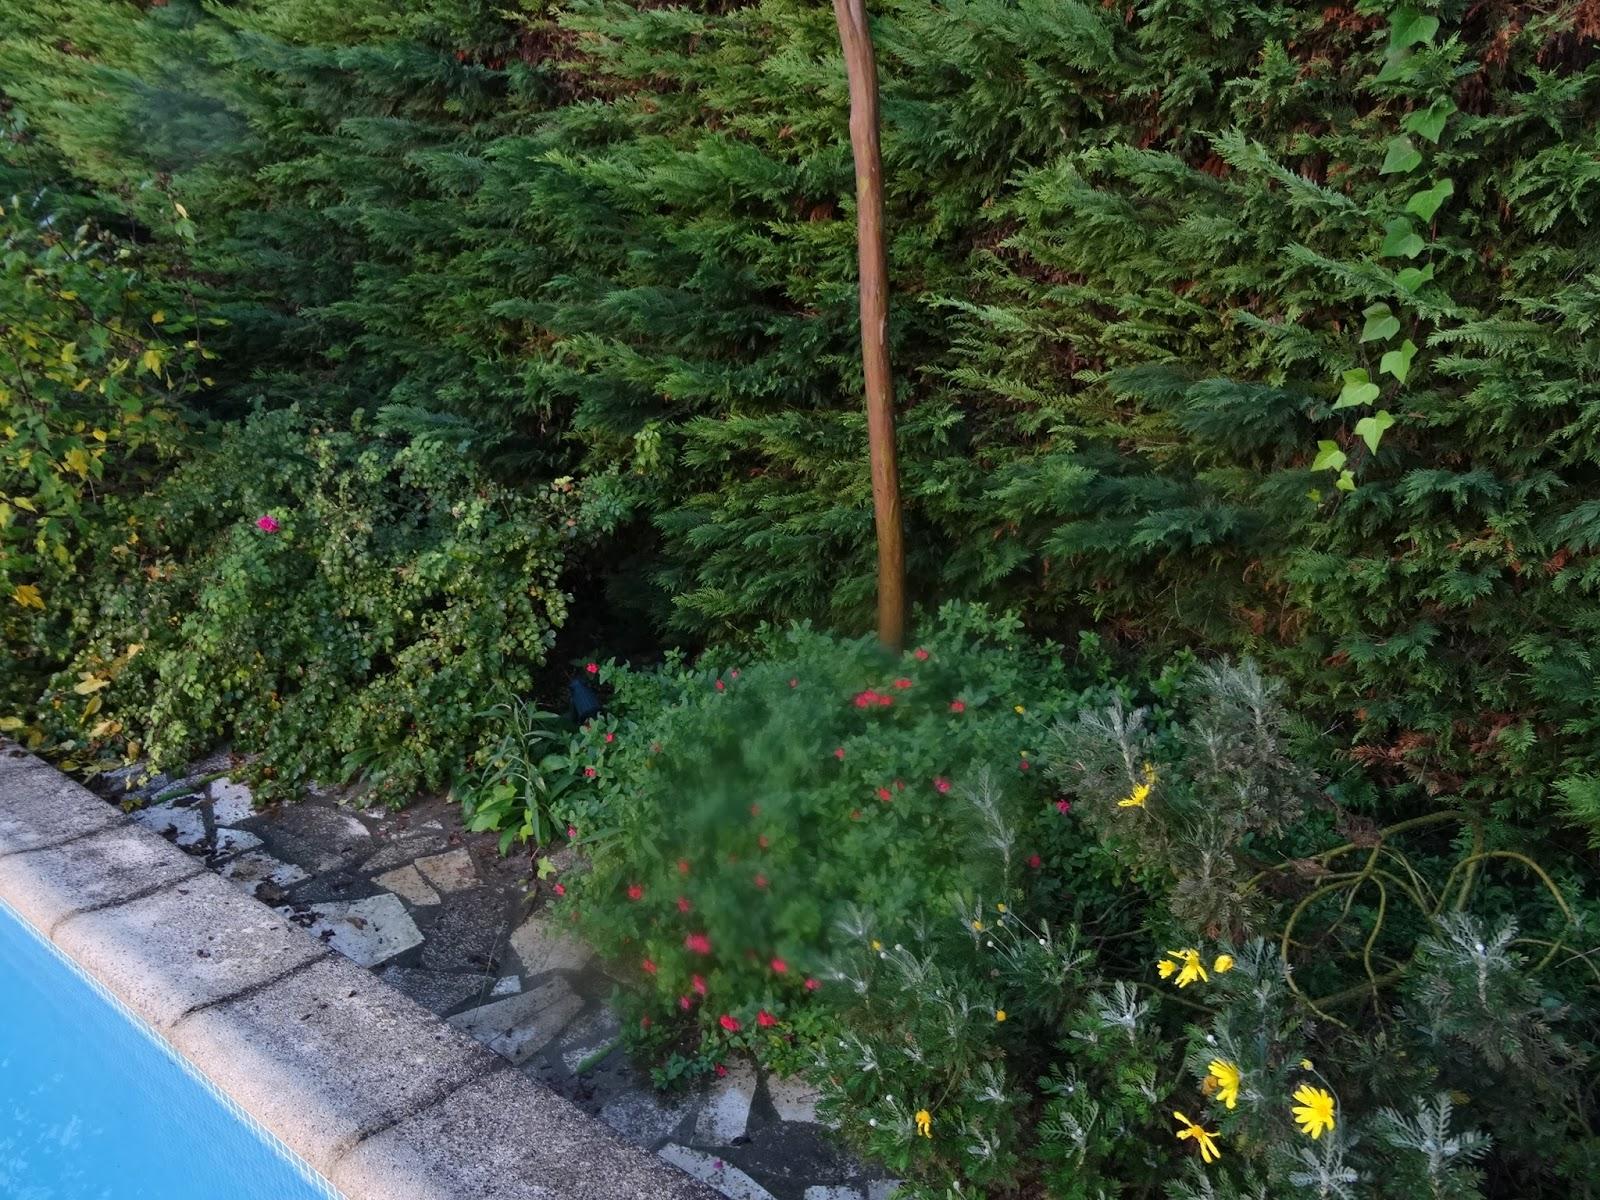 Les aventures burlesques de ciboulette c 39 est un jardin for Jardin extraordinaire 2015 lieurac